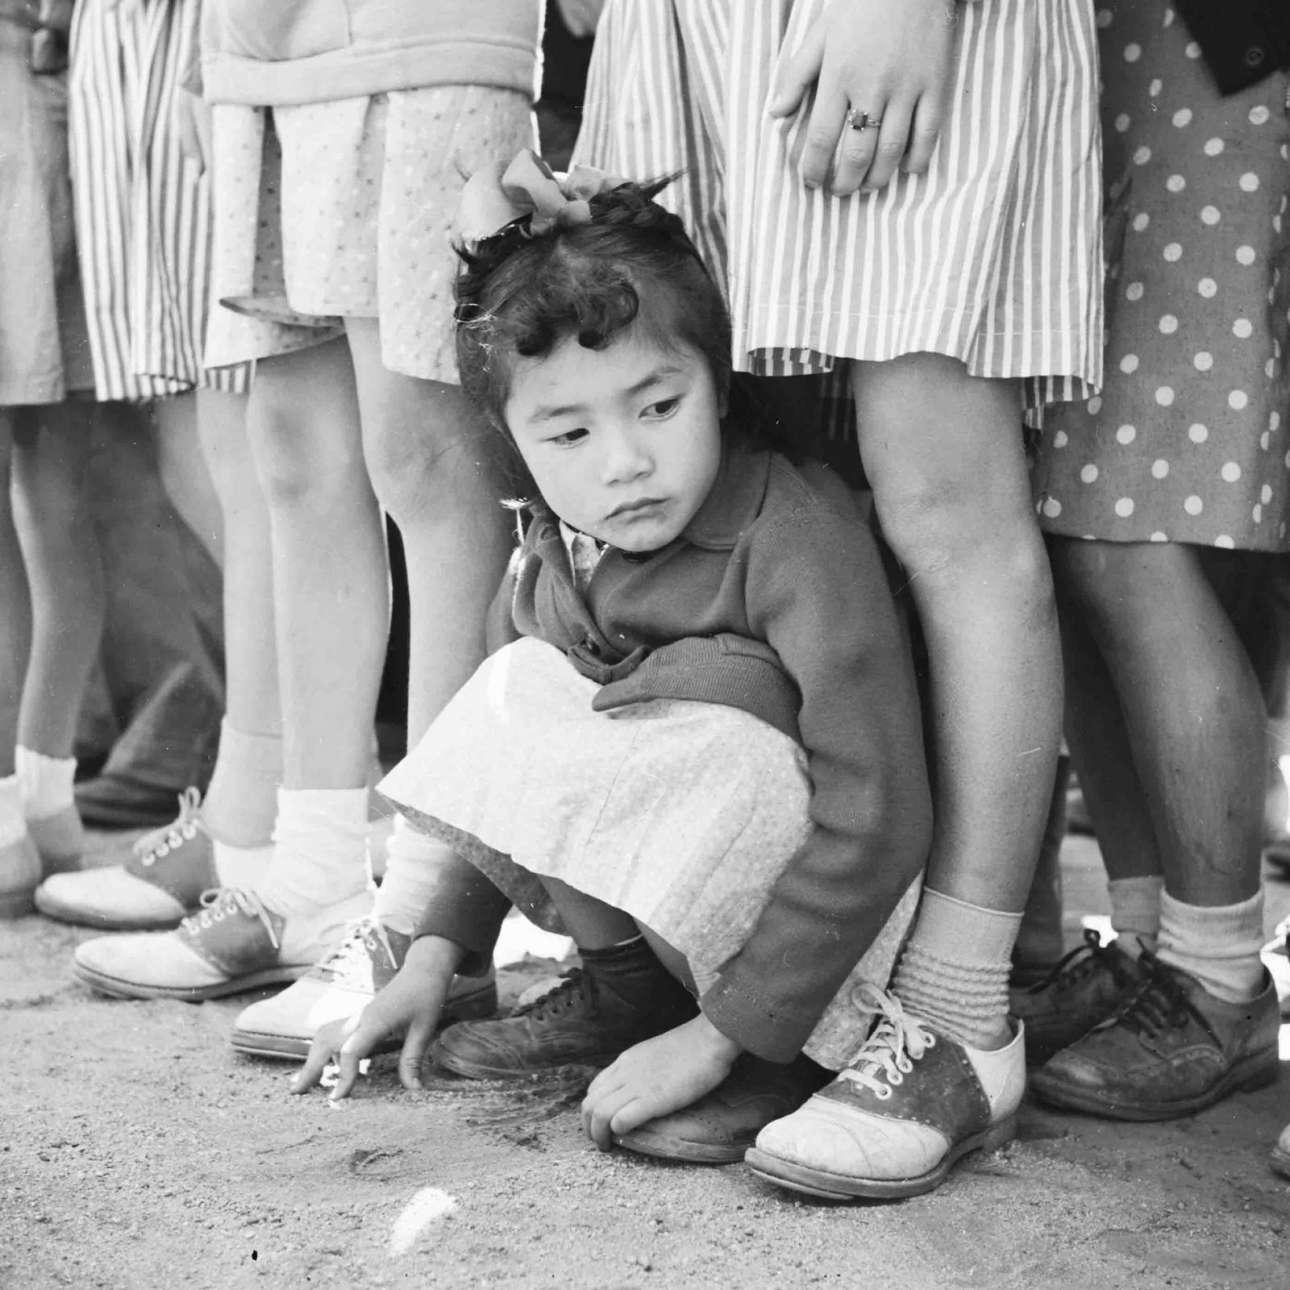 Αχρονολόγητο στιγμιότυπο, ΗΠΑ: ένα κοριτσάκι ιαπωνικής καταγωγής παρακολουθεί εκδηλώσεις της «Ημέρας Μνήμης» που έχουν καθιερώσει οι Αμερικανοί για να τιμούν τους στρατιώτες τους που έπεσαν στα πεδία των μαχών